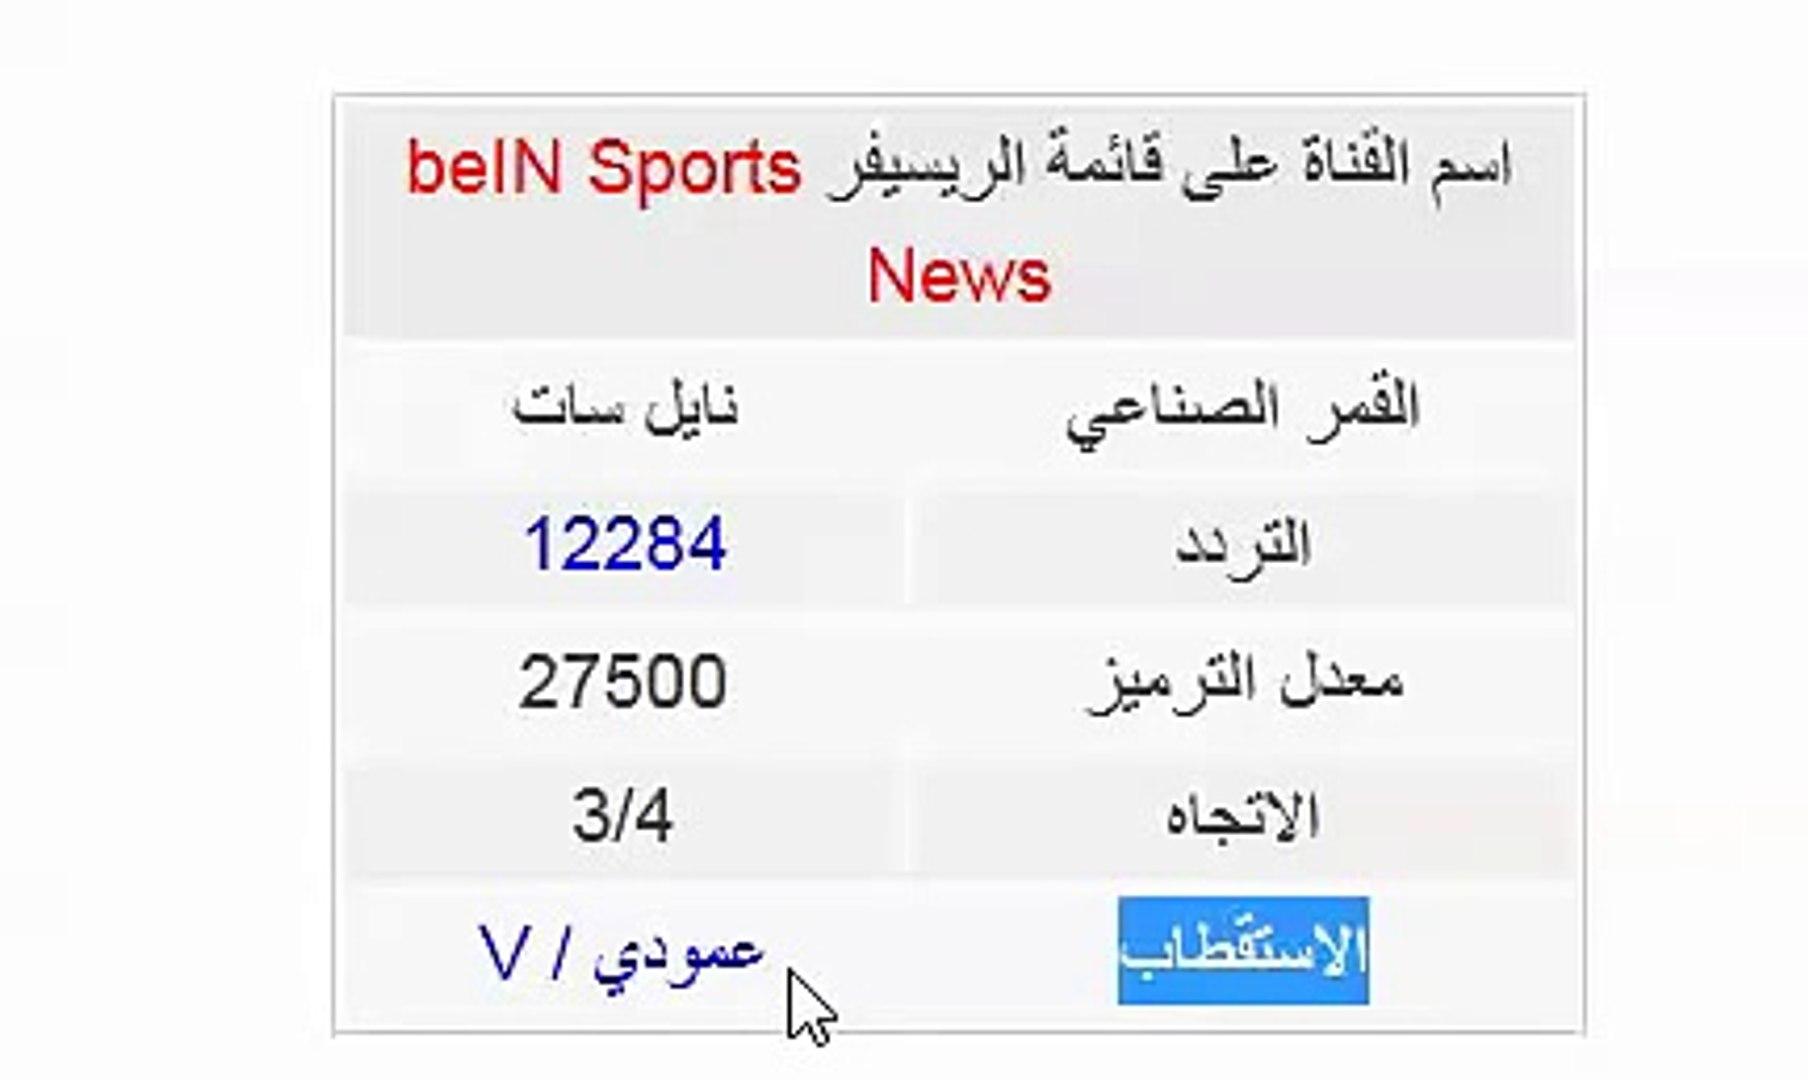 تردد قناة بي ان سبورت الاخبارية على نايل سات beIN Sports News 2016 nailsat  arabsat badar